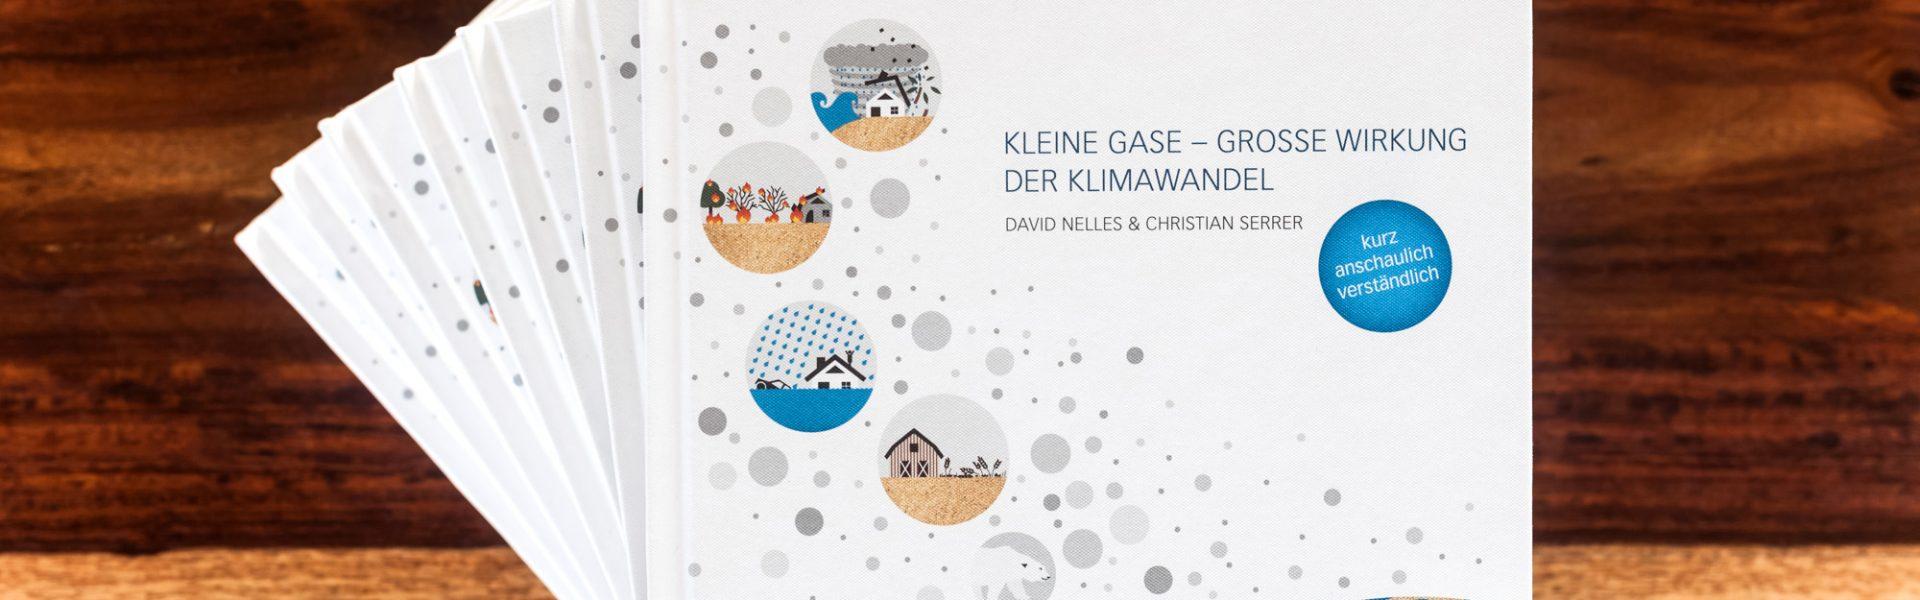 Header Bild Kleine Gase – Große Wirkung: Kapitel 2 Die möglichen Ursachen des Klimawandels